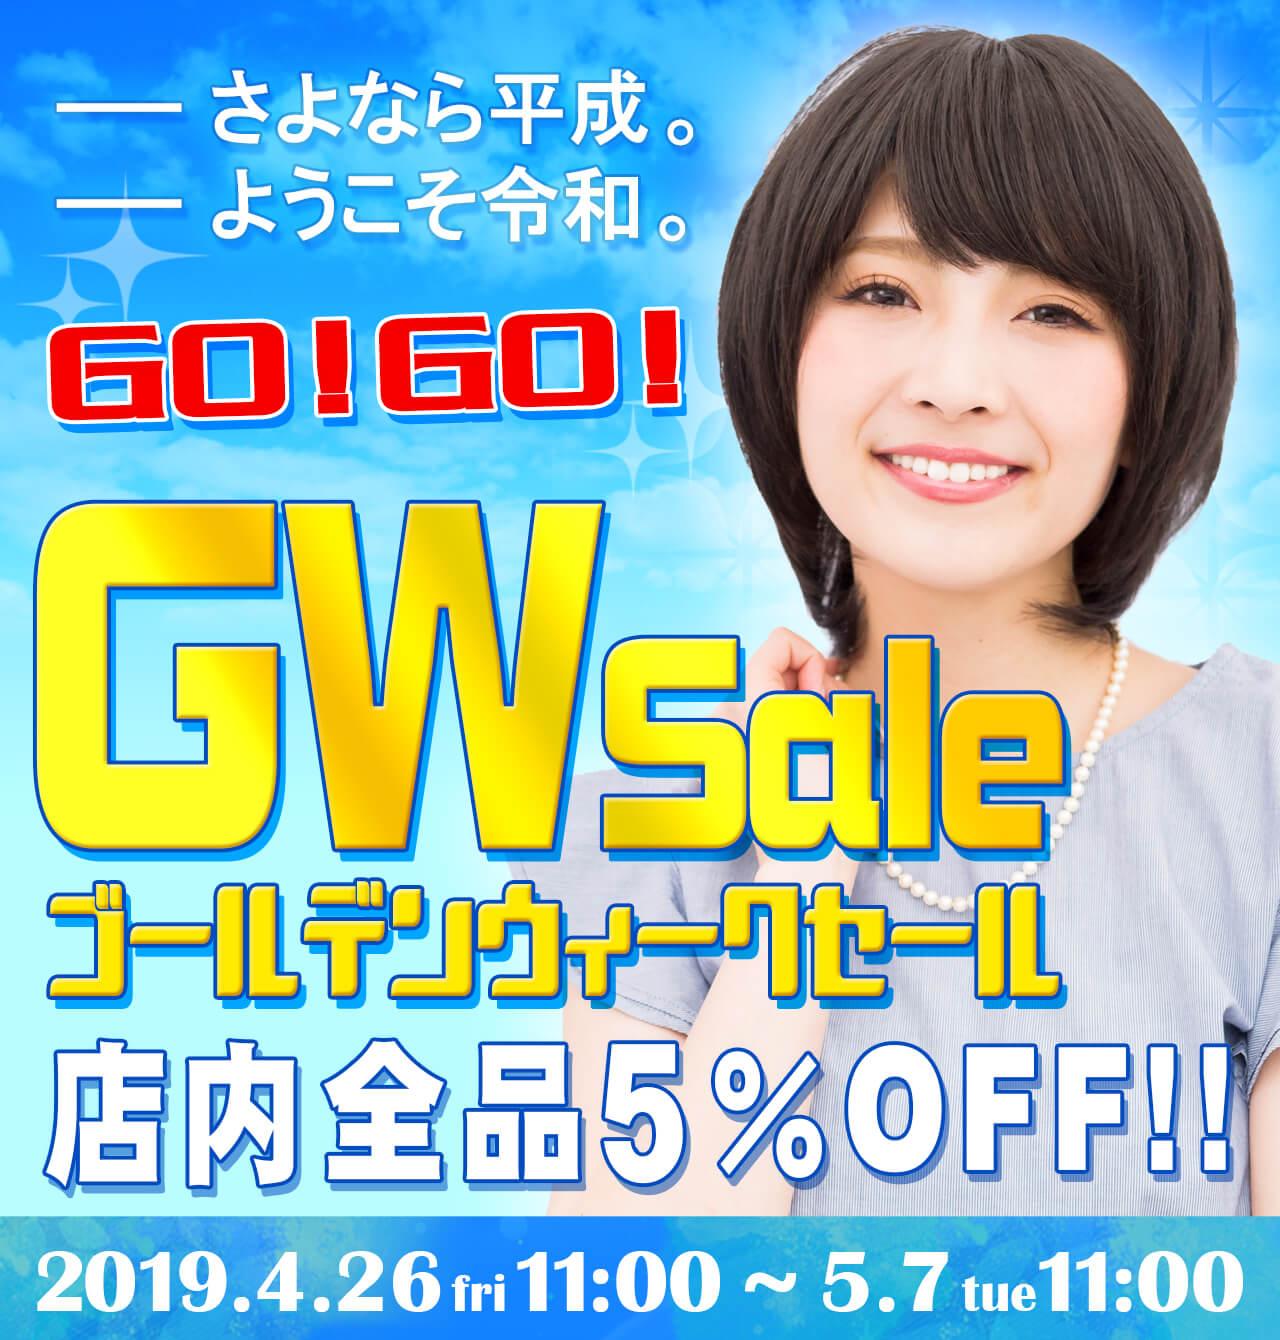 ゴールデンウィークSALE店内全品5%OFF!!